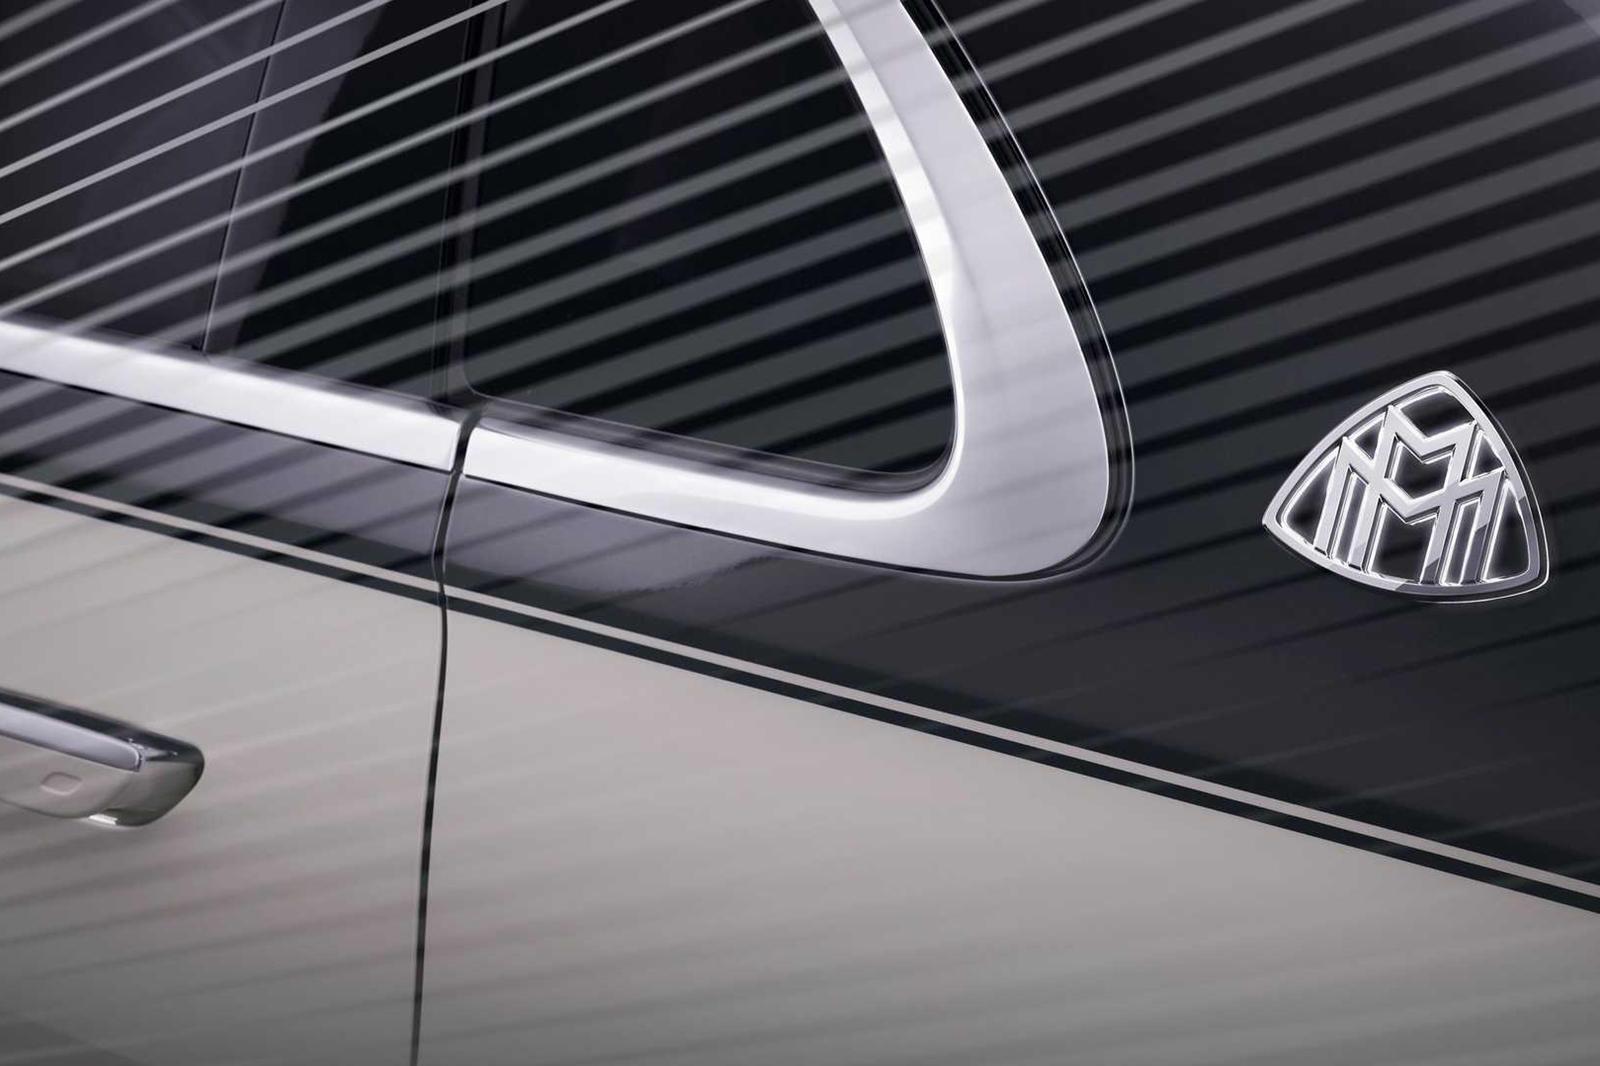 Представленный всего два месяца назад 2021 Mercedes-Benz S-Class является одним из самых роскошных и технологически продвинутых автомобилей на рынке. Стандартный S-класс использует 3,0-литровый рядный шестицилиндровый двигатель с турбонаддувом мощнос